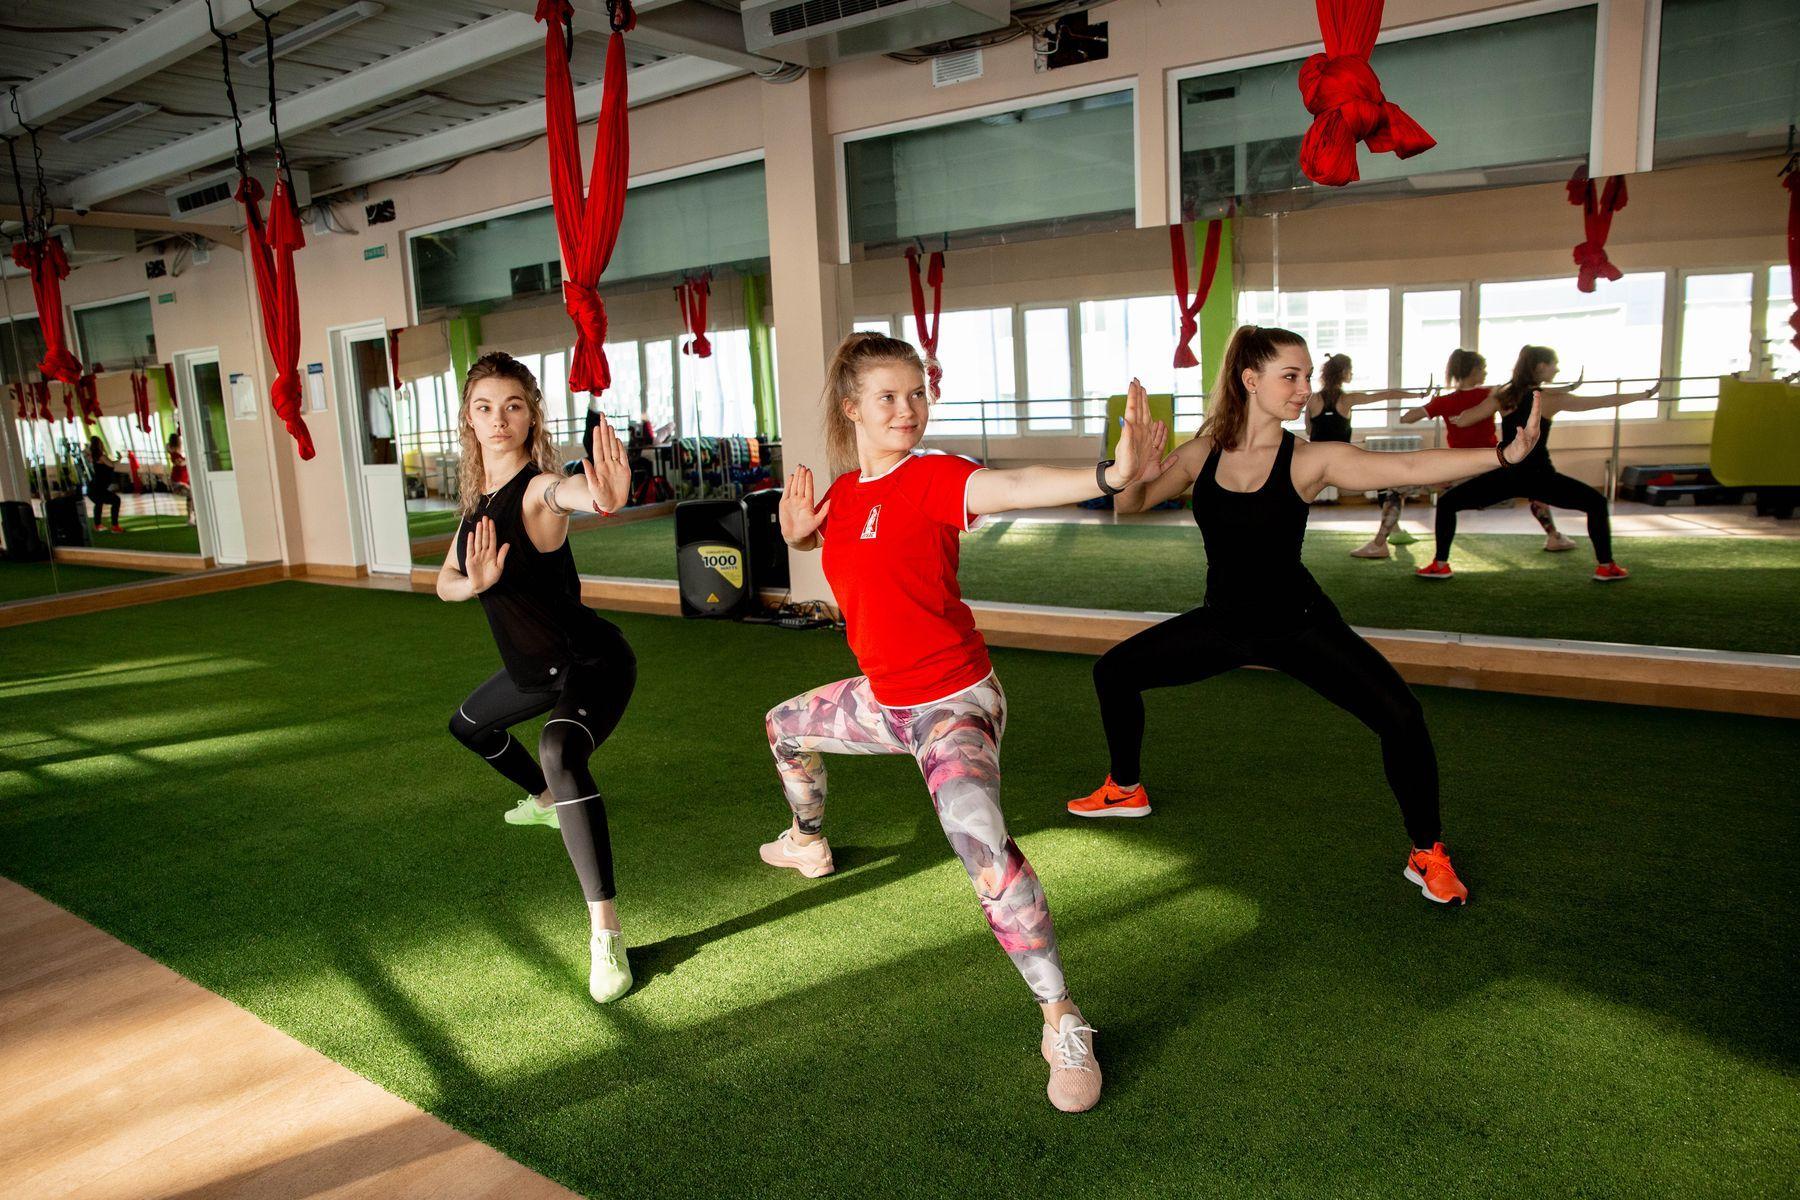 СК «Чемпион» получил звание «Самая популярная сеть фитнес-клубов» в народном голосовании на фестивале Fitlove